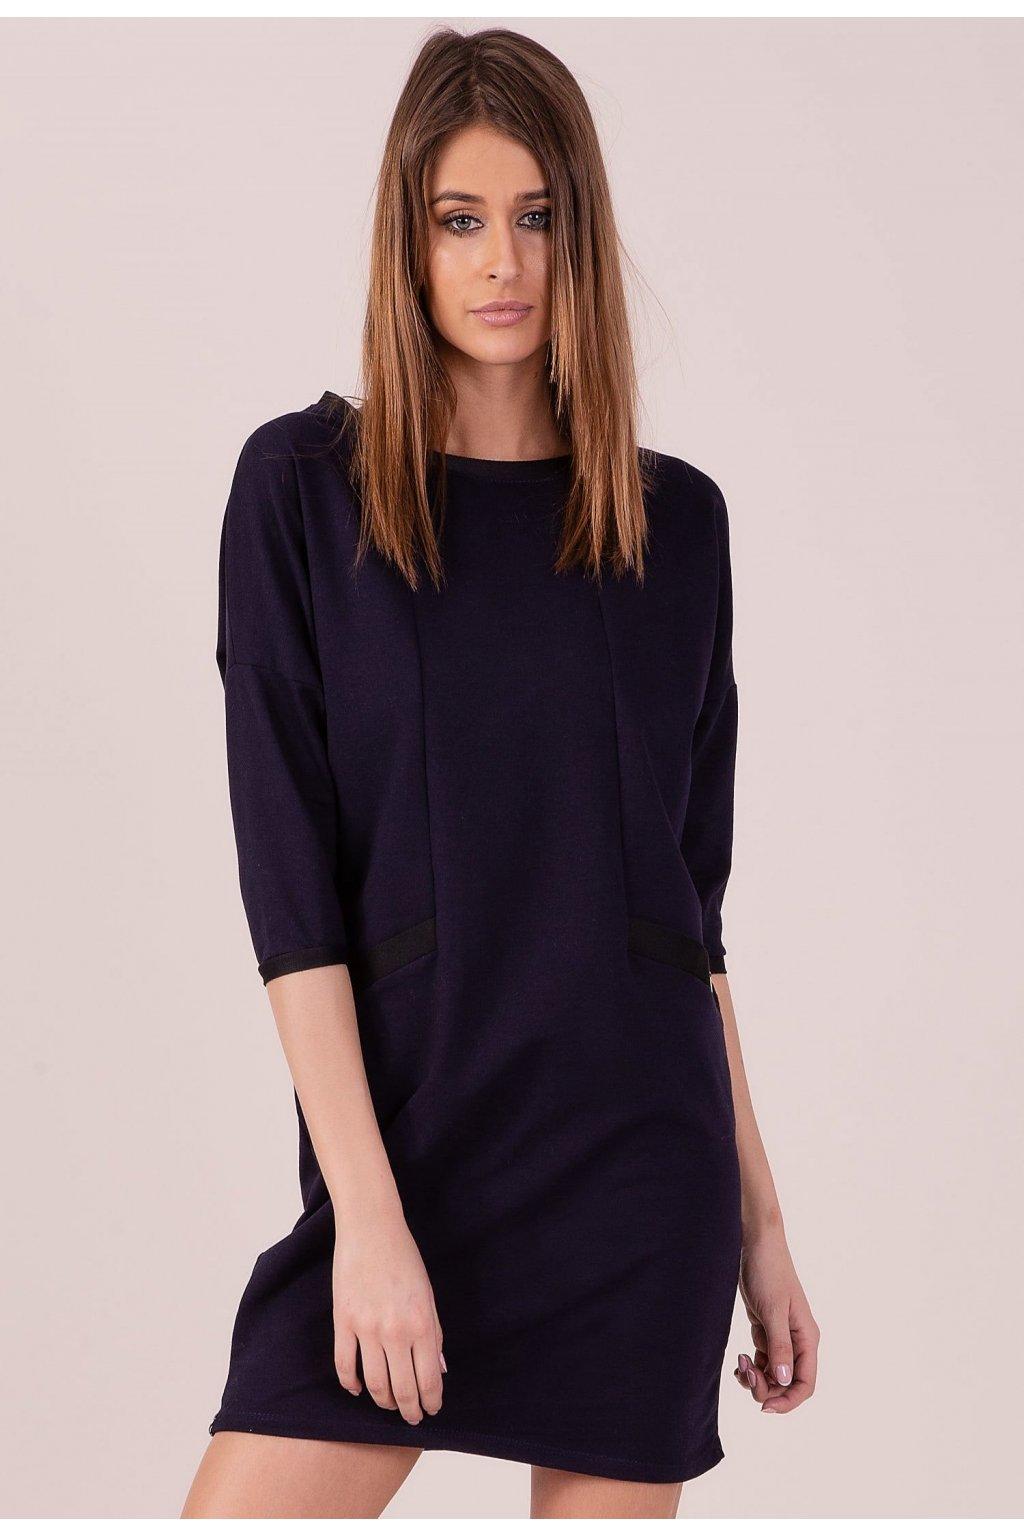 Modré dámské pletené šaty